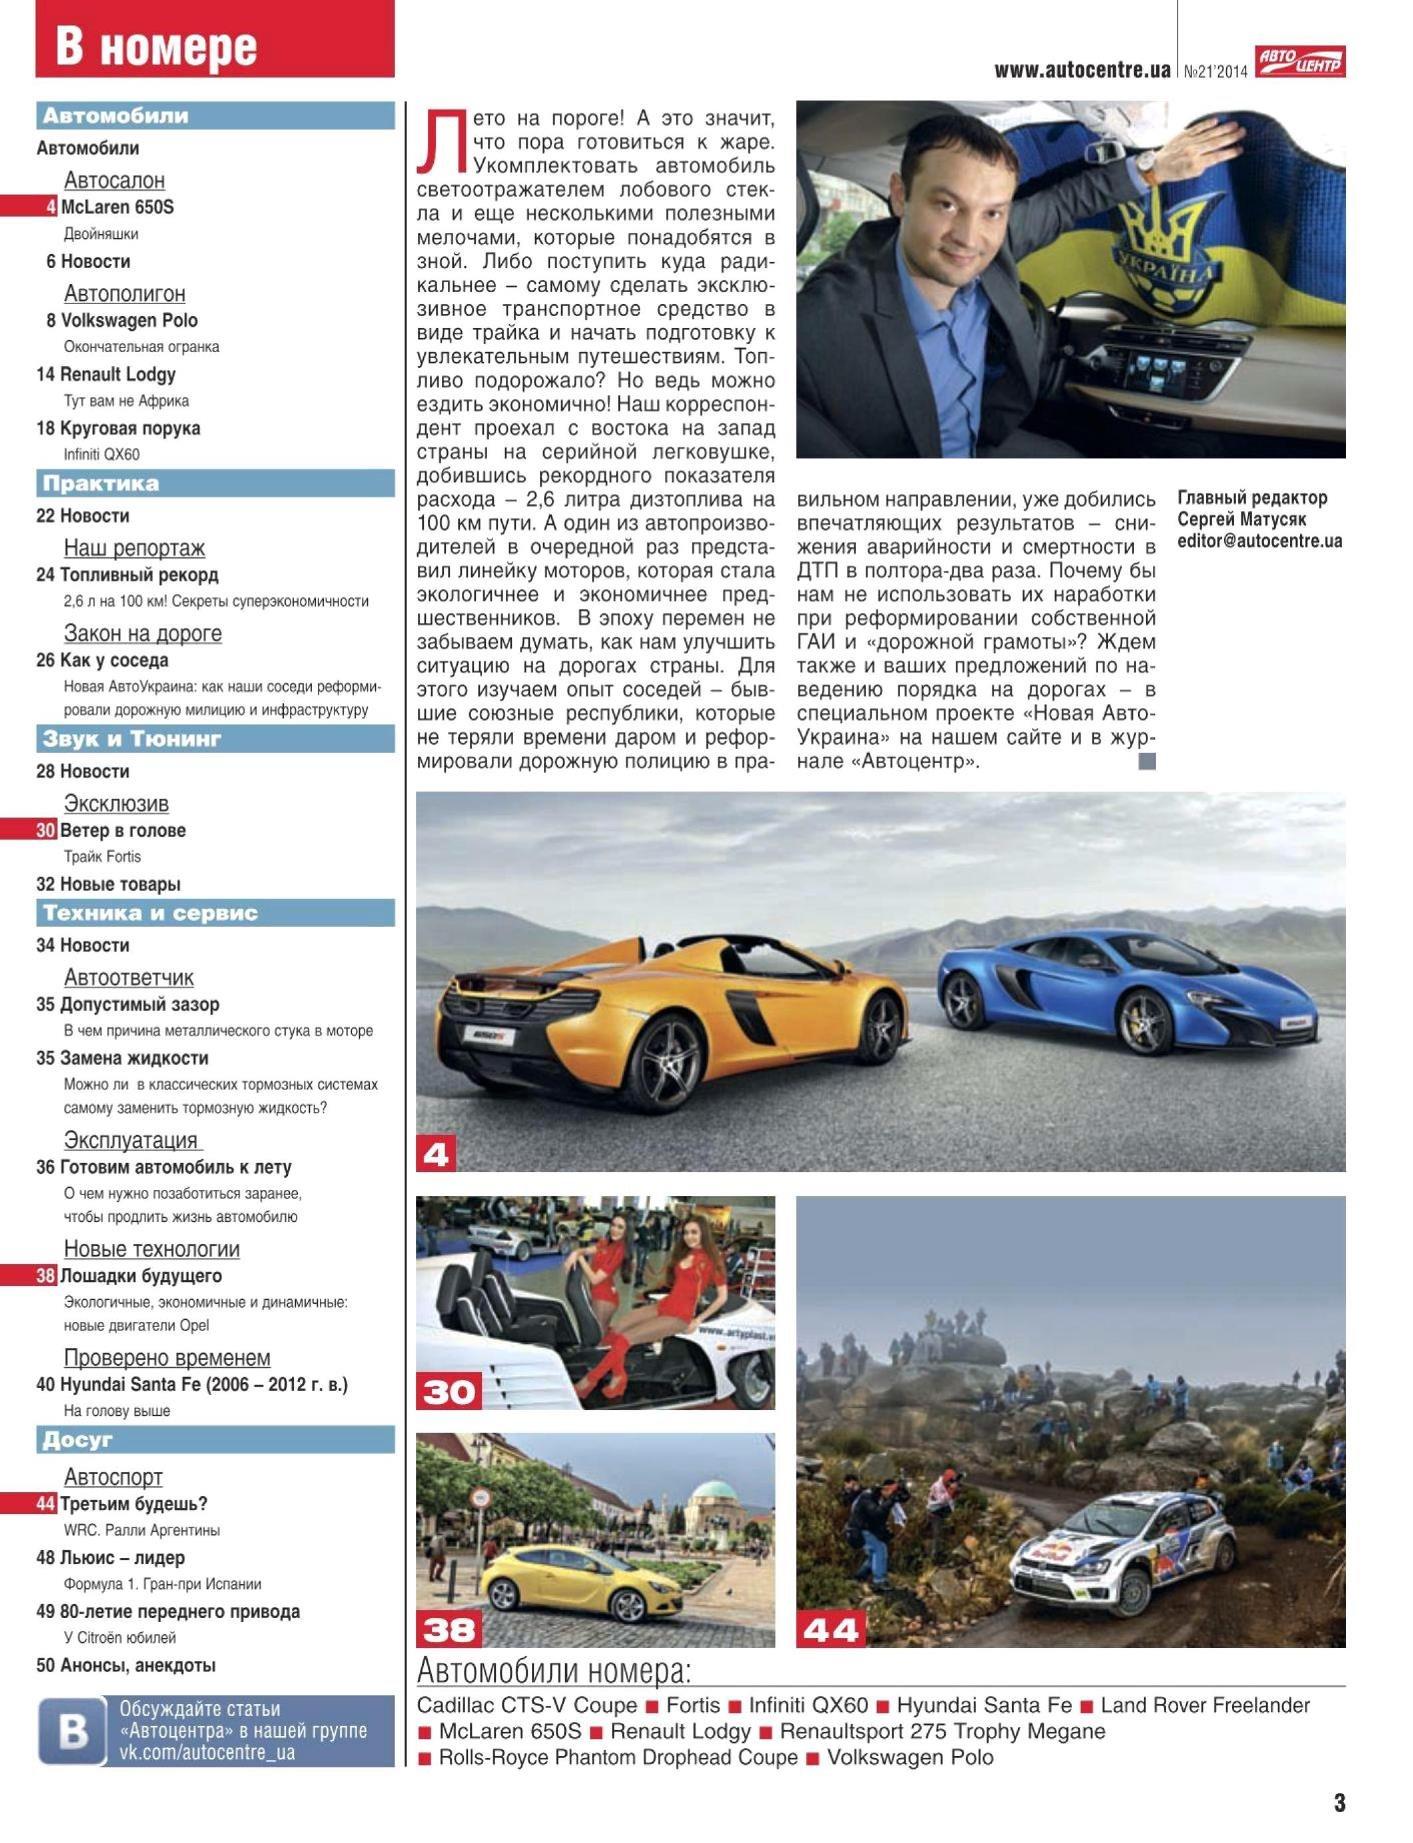 Автоцентр №21 (май 2014) PDF